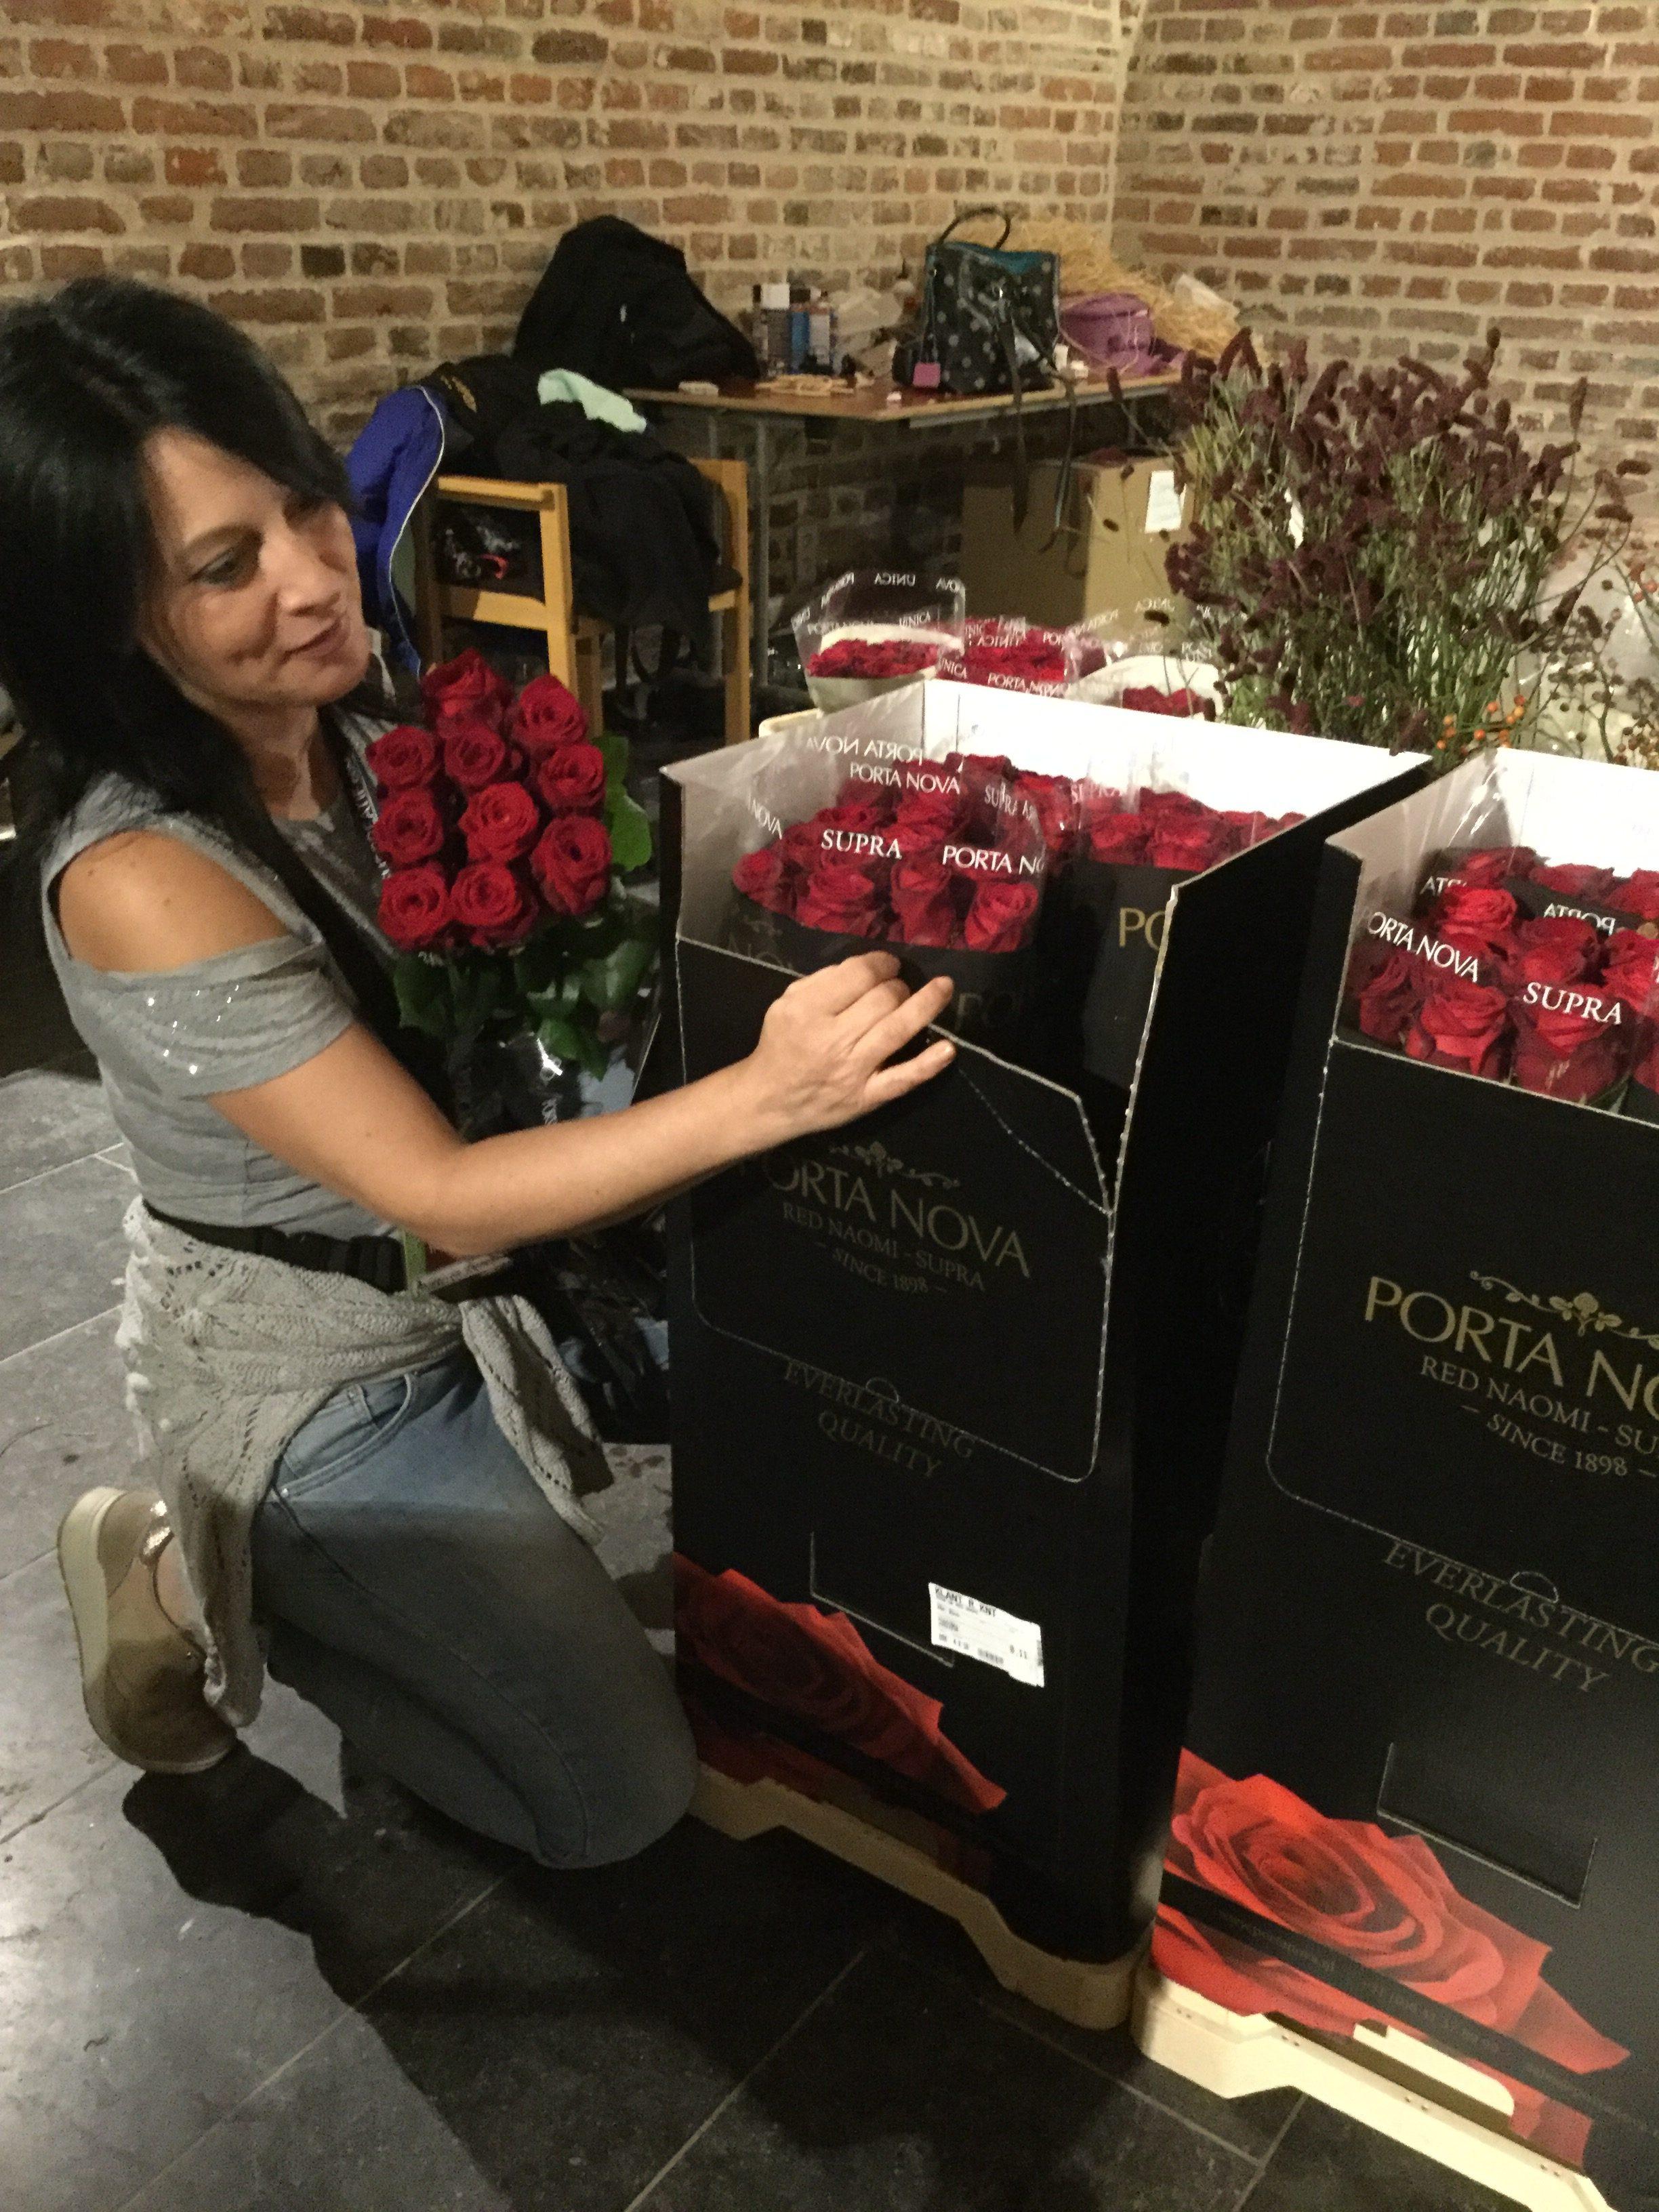 angelica lacarbonara fleuramour porta nova red naomi roses